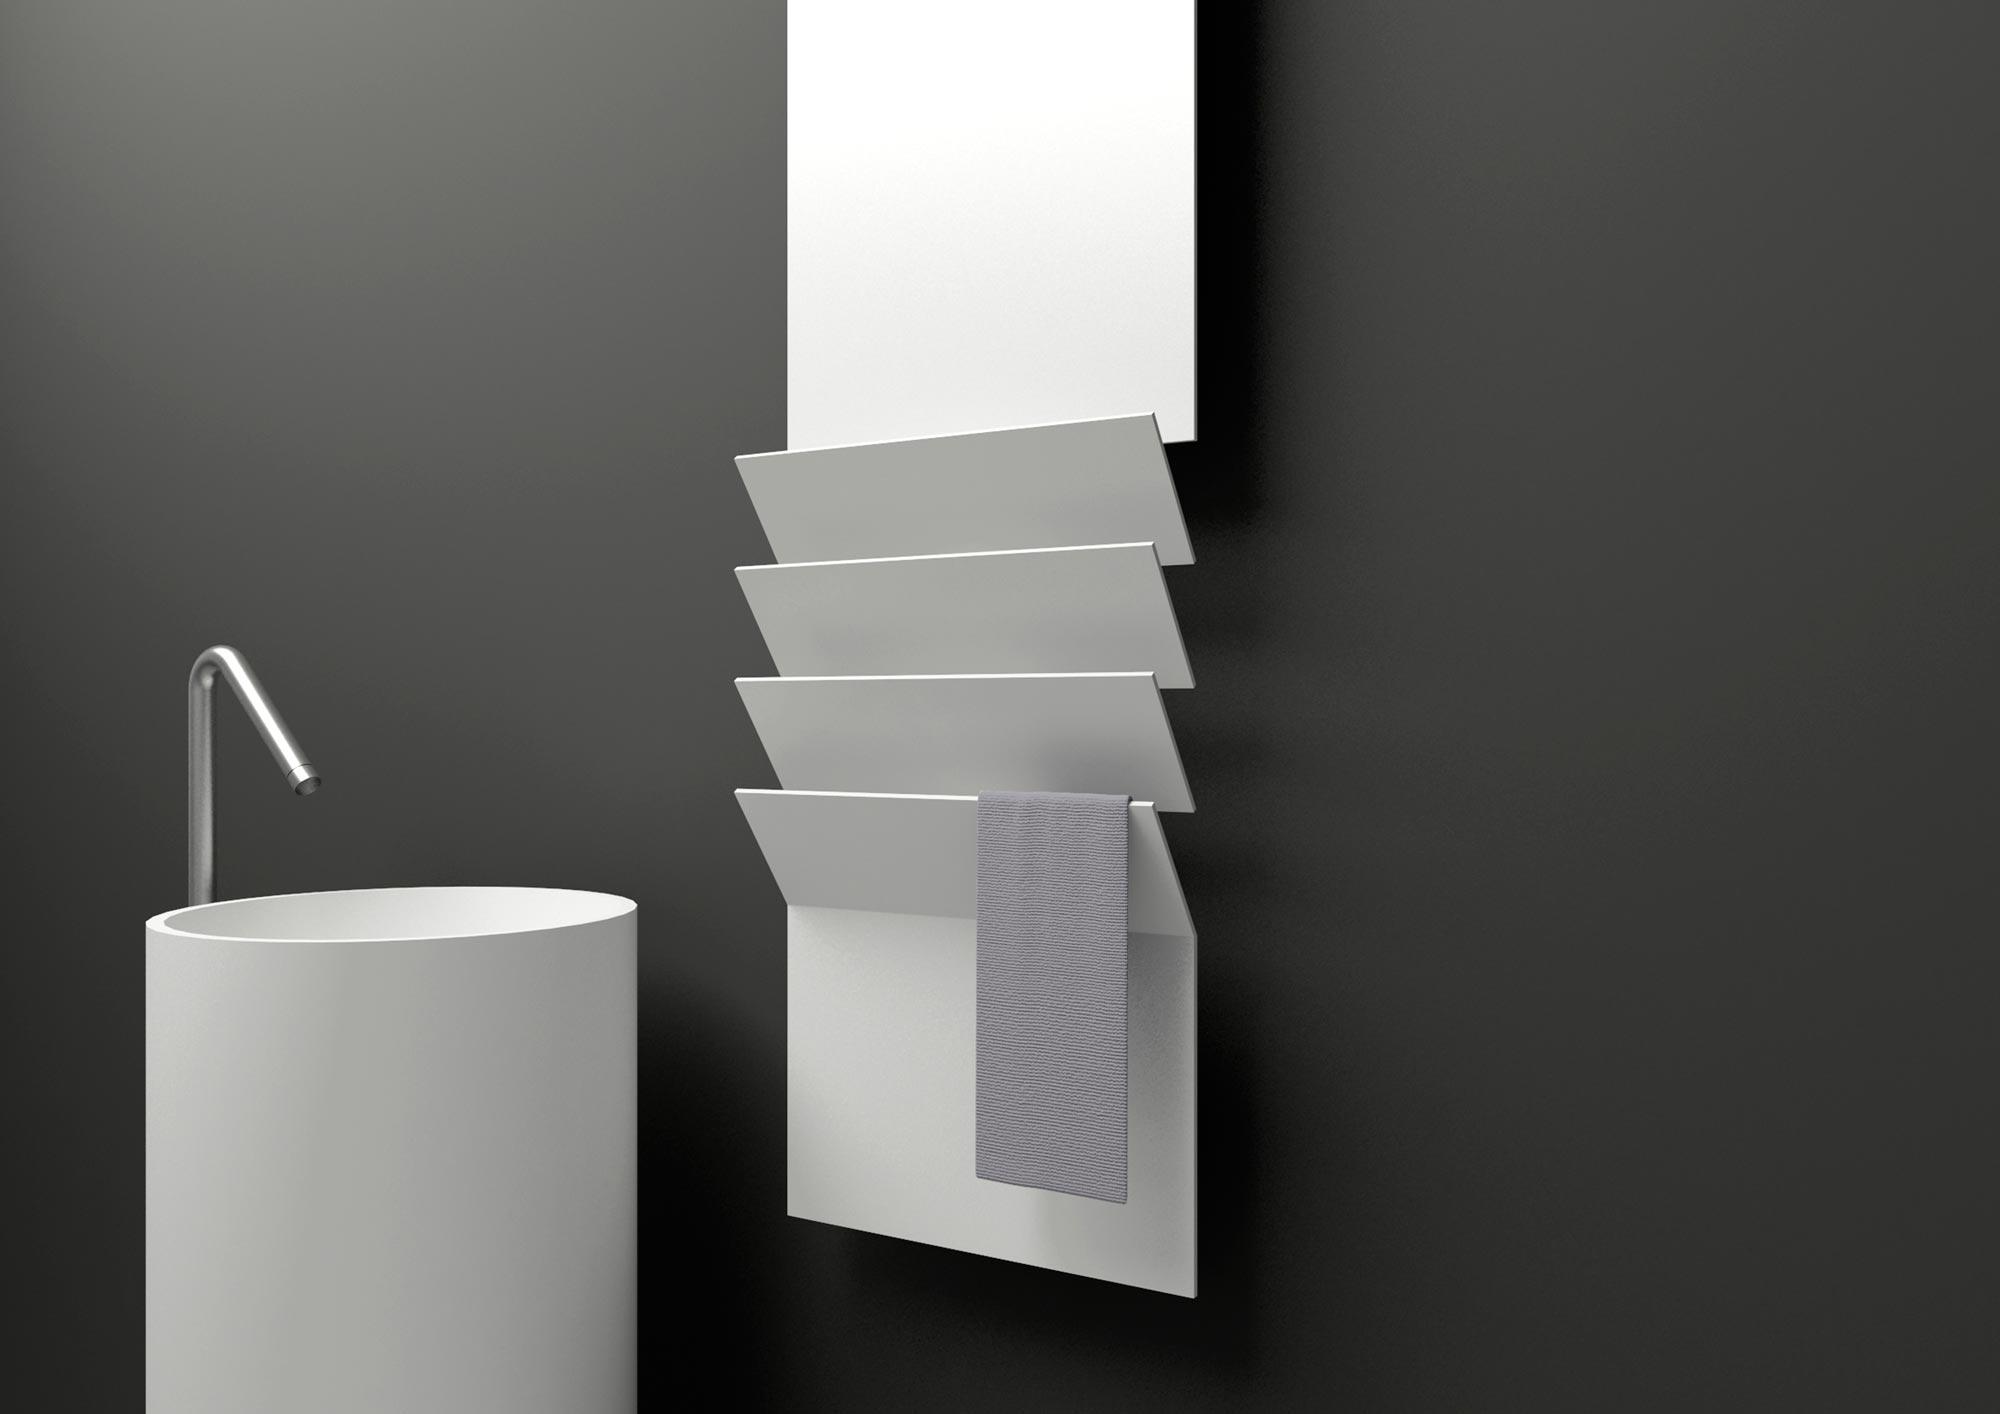 Design Handtuchtrockner Bad.Badheizkorper Und Handtuchtrockner Design Endet Nie